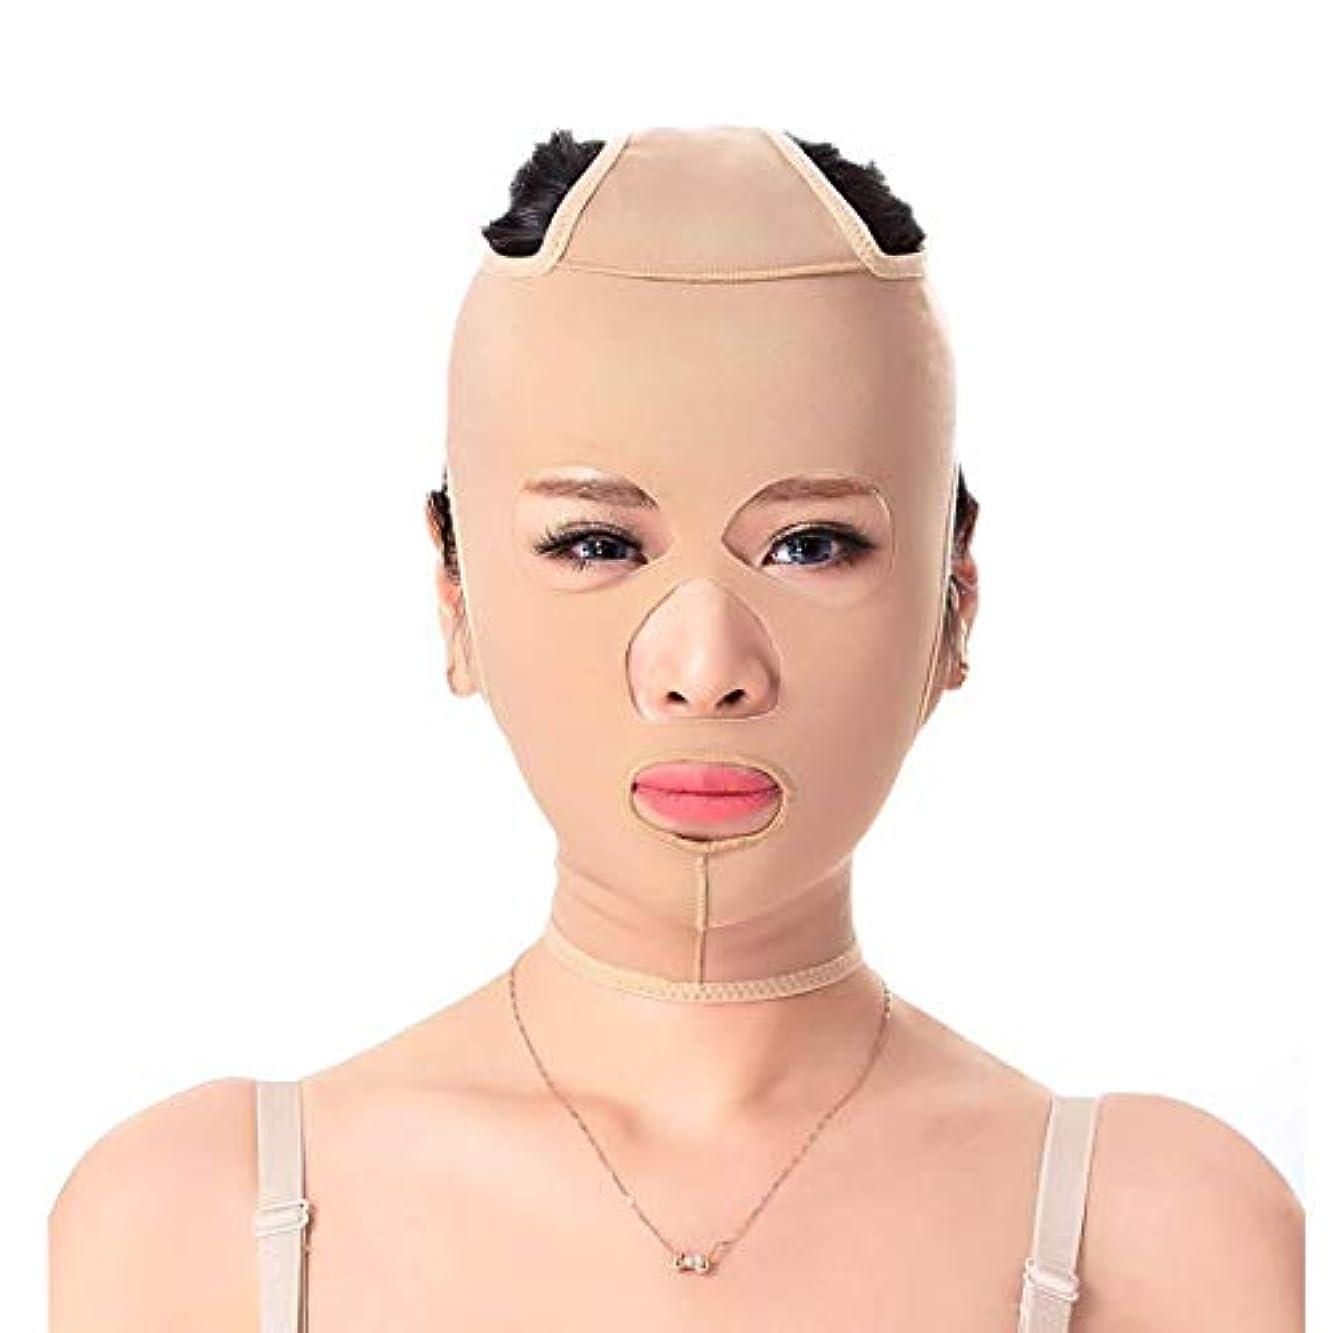 悪党曲がった印象的なSlim身ベルト、フェイシャルマスクフェイスプラスチック顔Arを引き締めるダブルあごを持ち上げるパターンを布布する薄いフェイスマスクtifactパワフルフェイスバンデージ(サイズ:M)